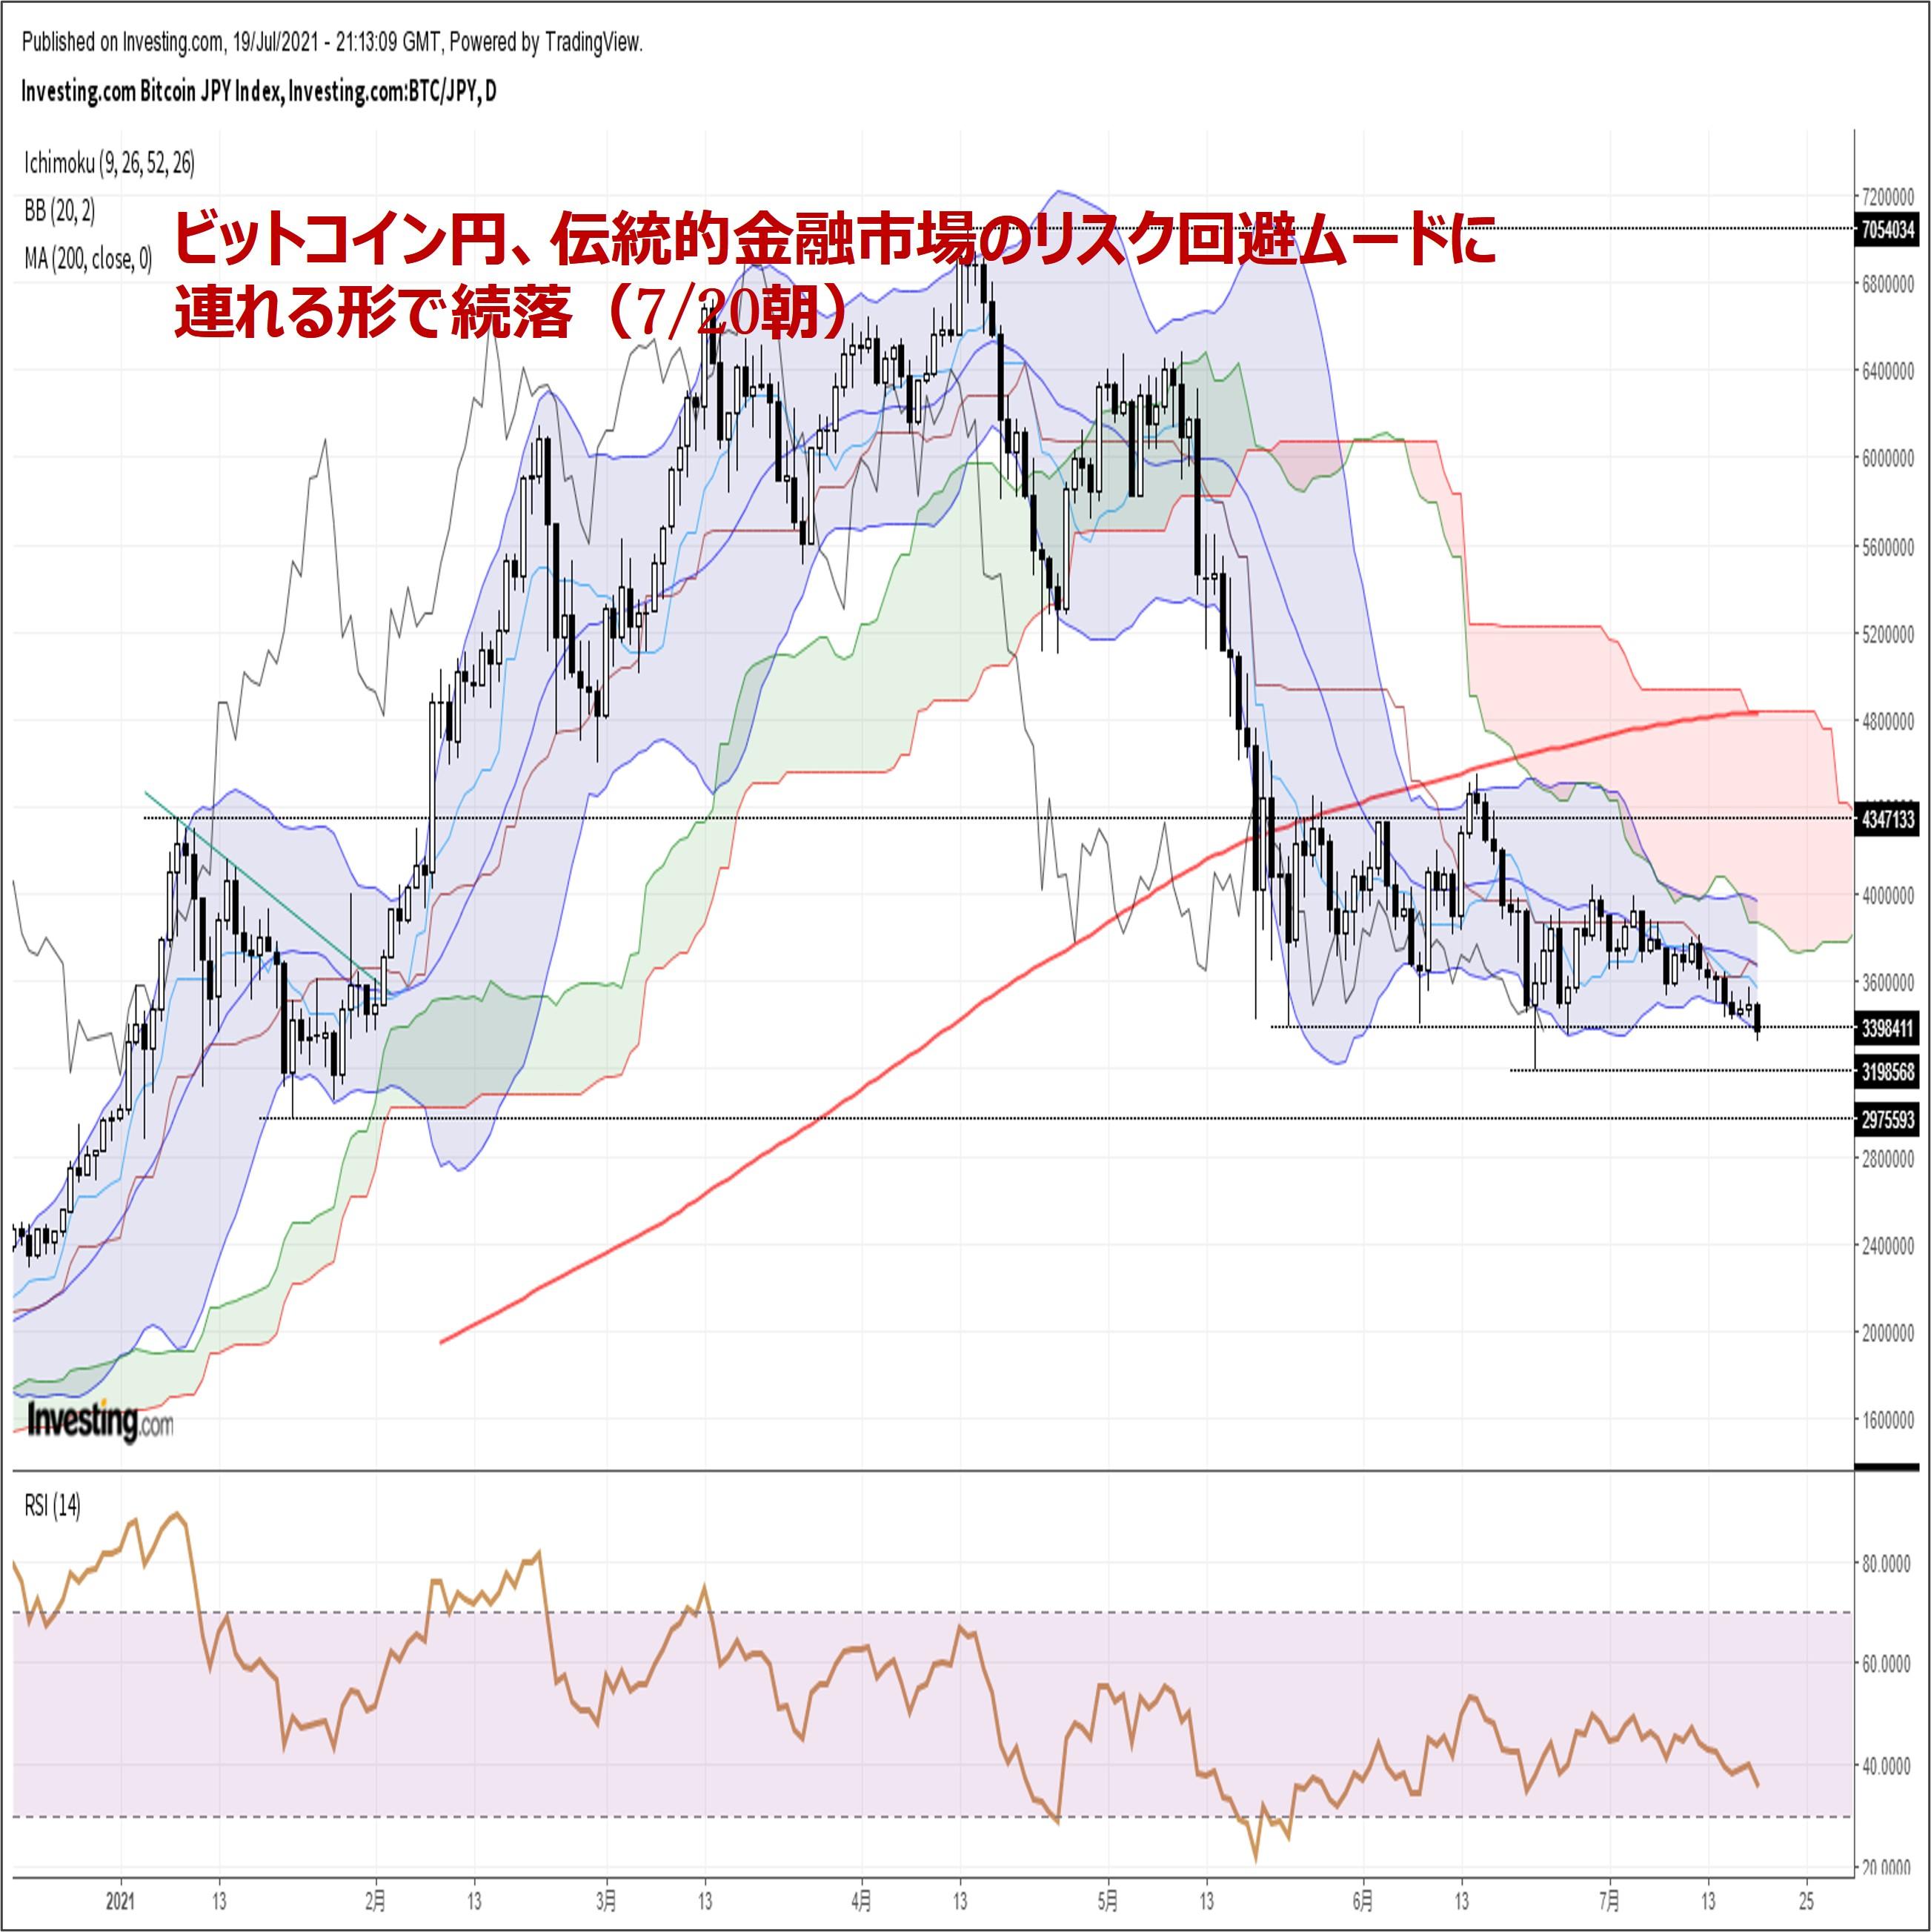 ビットコイン円、伝統的金融市場で広がるリスク回避ムードを背景に続落(7/20朝)